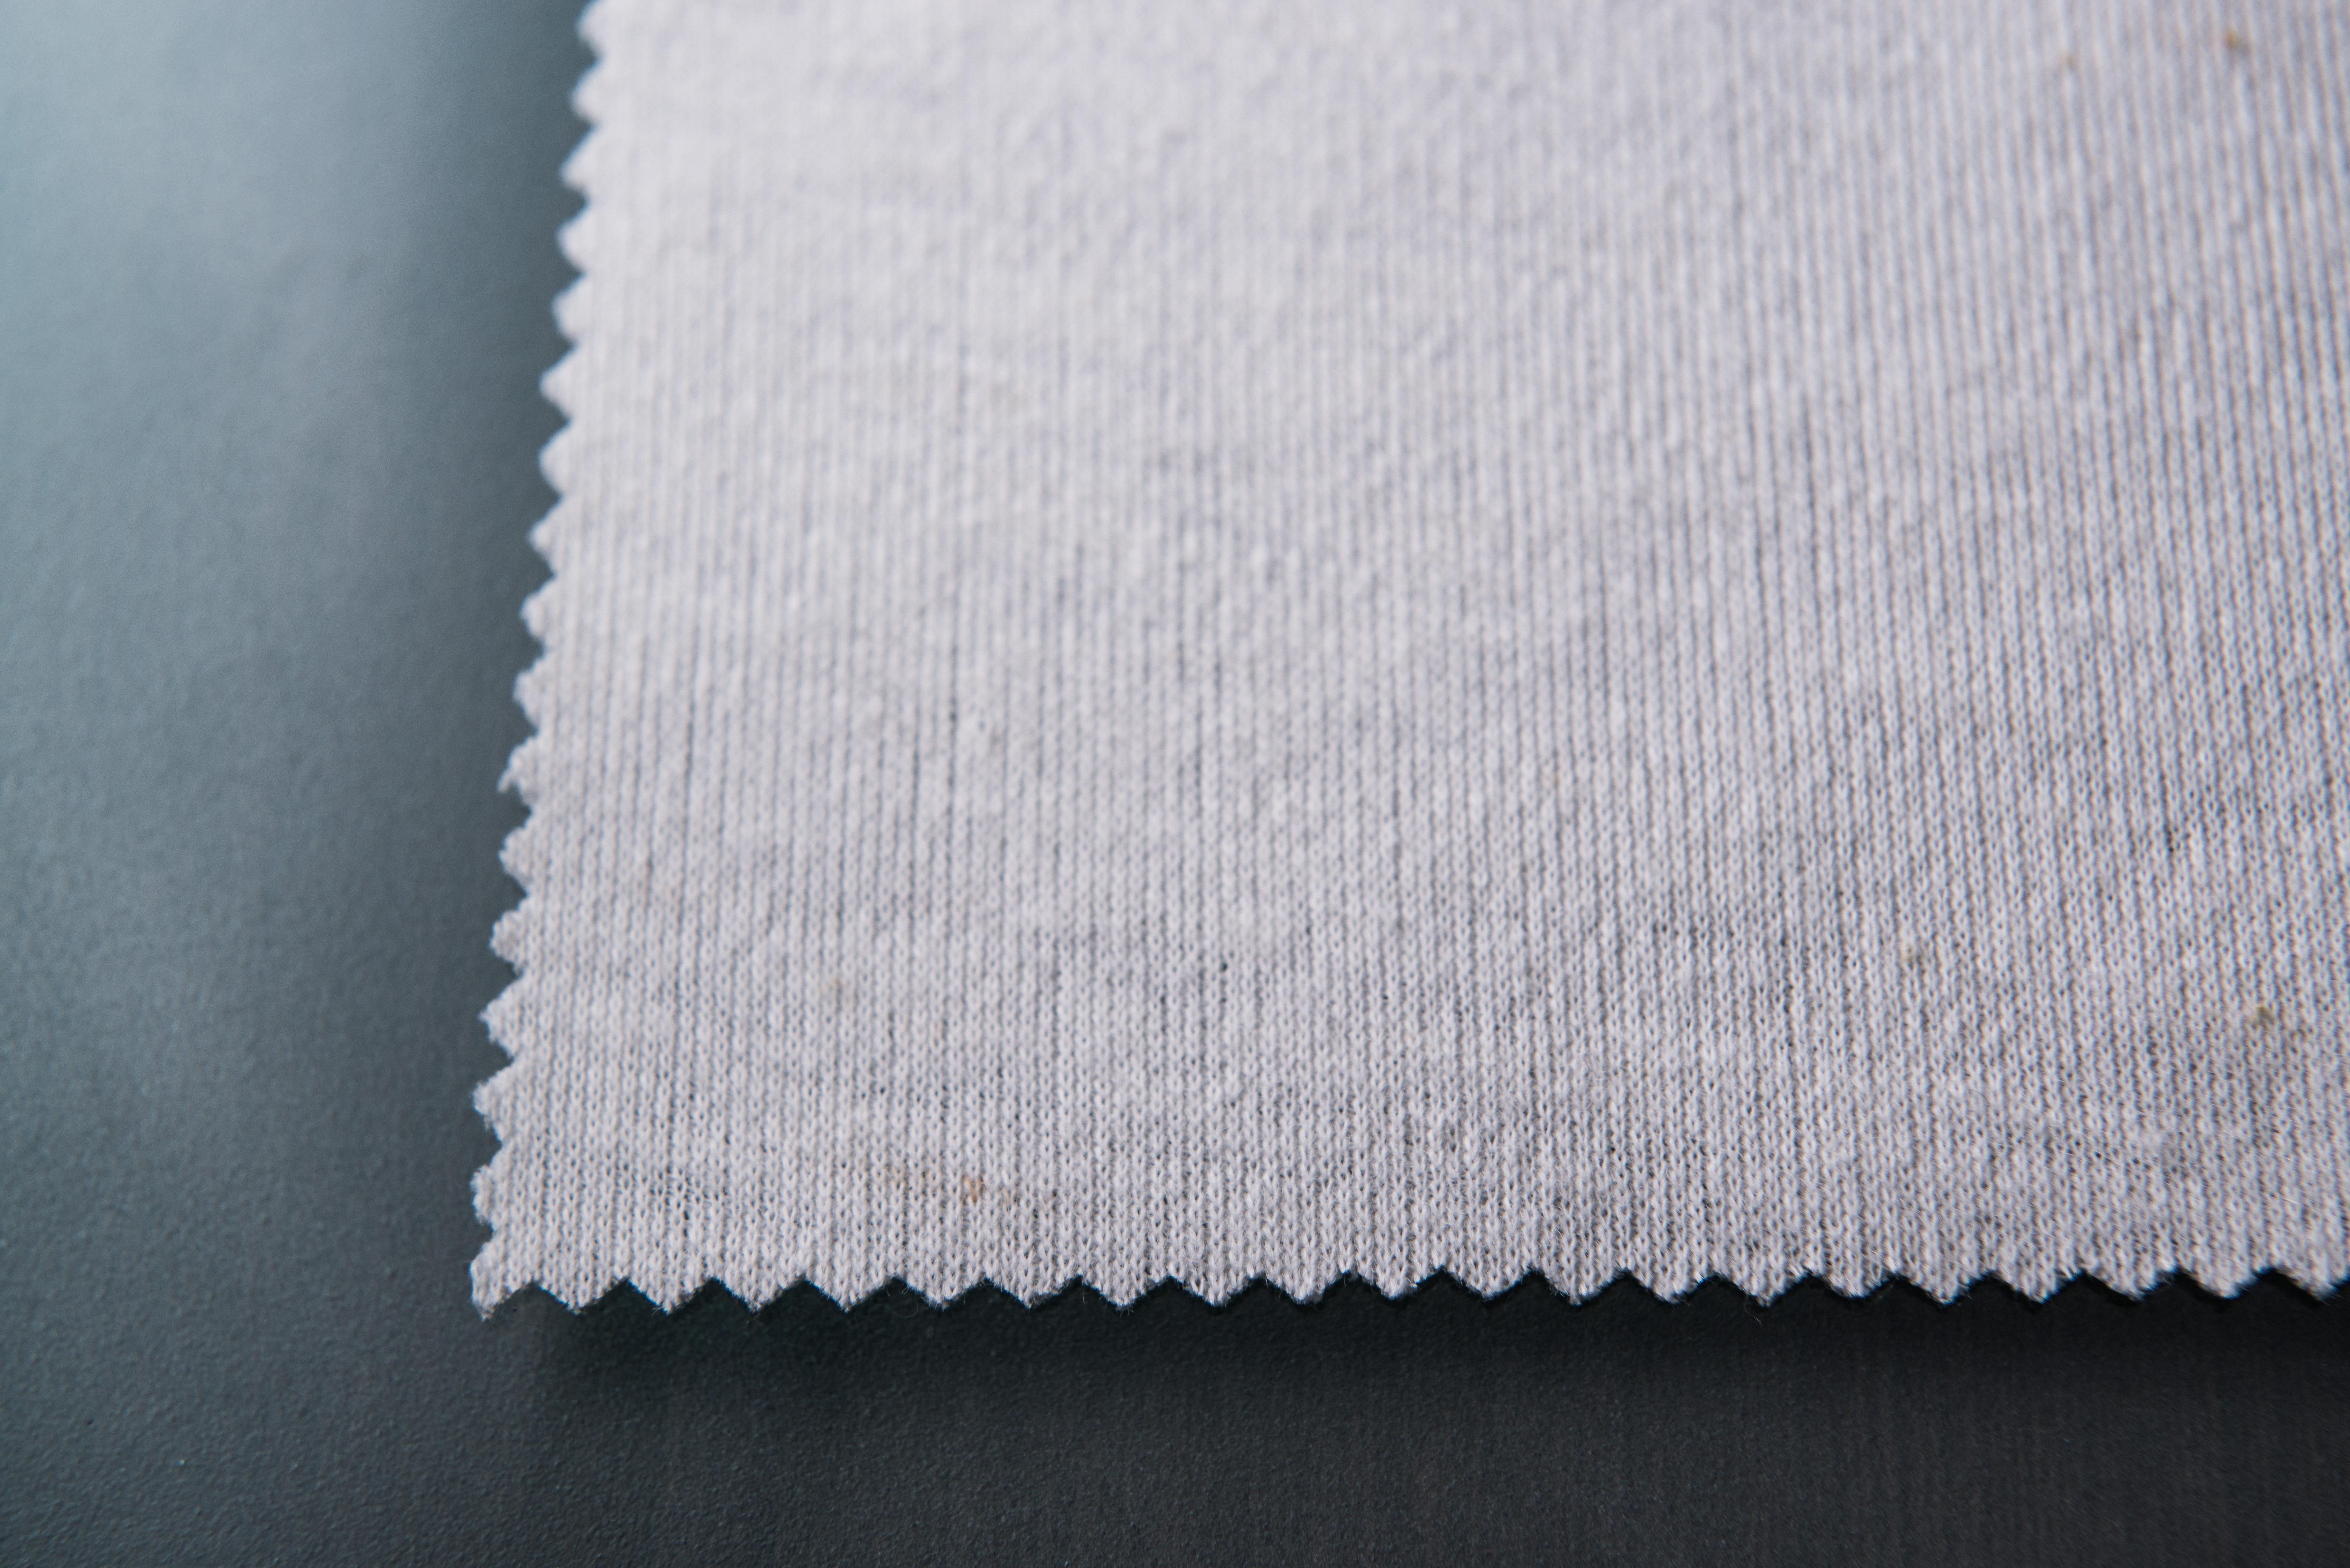 氣凝膠紡織纖維充分發揮了奈米氣凝膠材料極佳的疏水性以及卓越的保暖性能,並透過均勻分布於材料周身的孔隙結構實現完美透氣。